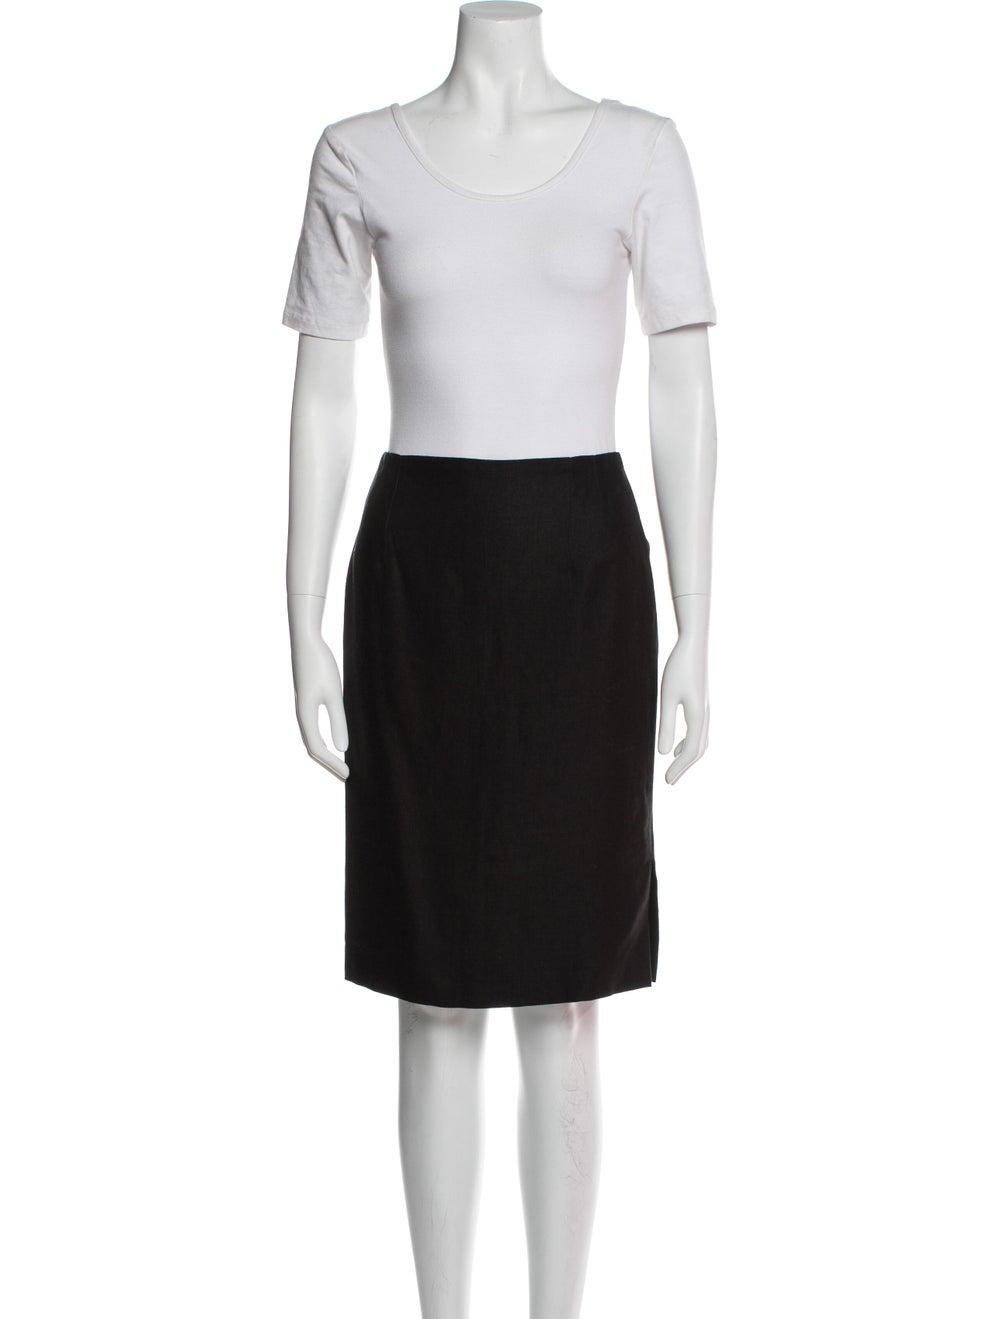 Rena Lange Vintage Linen Skirt Suit - image 4